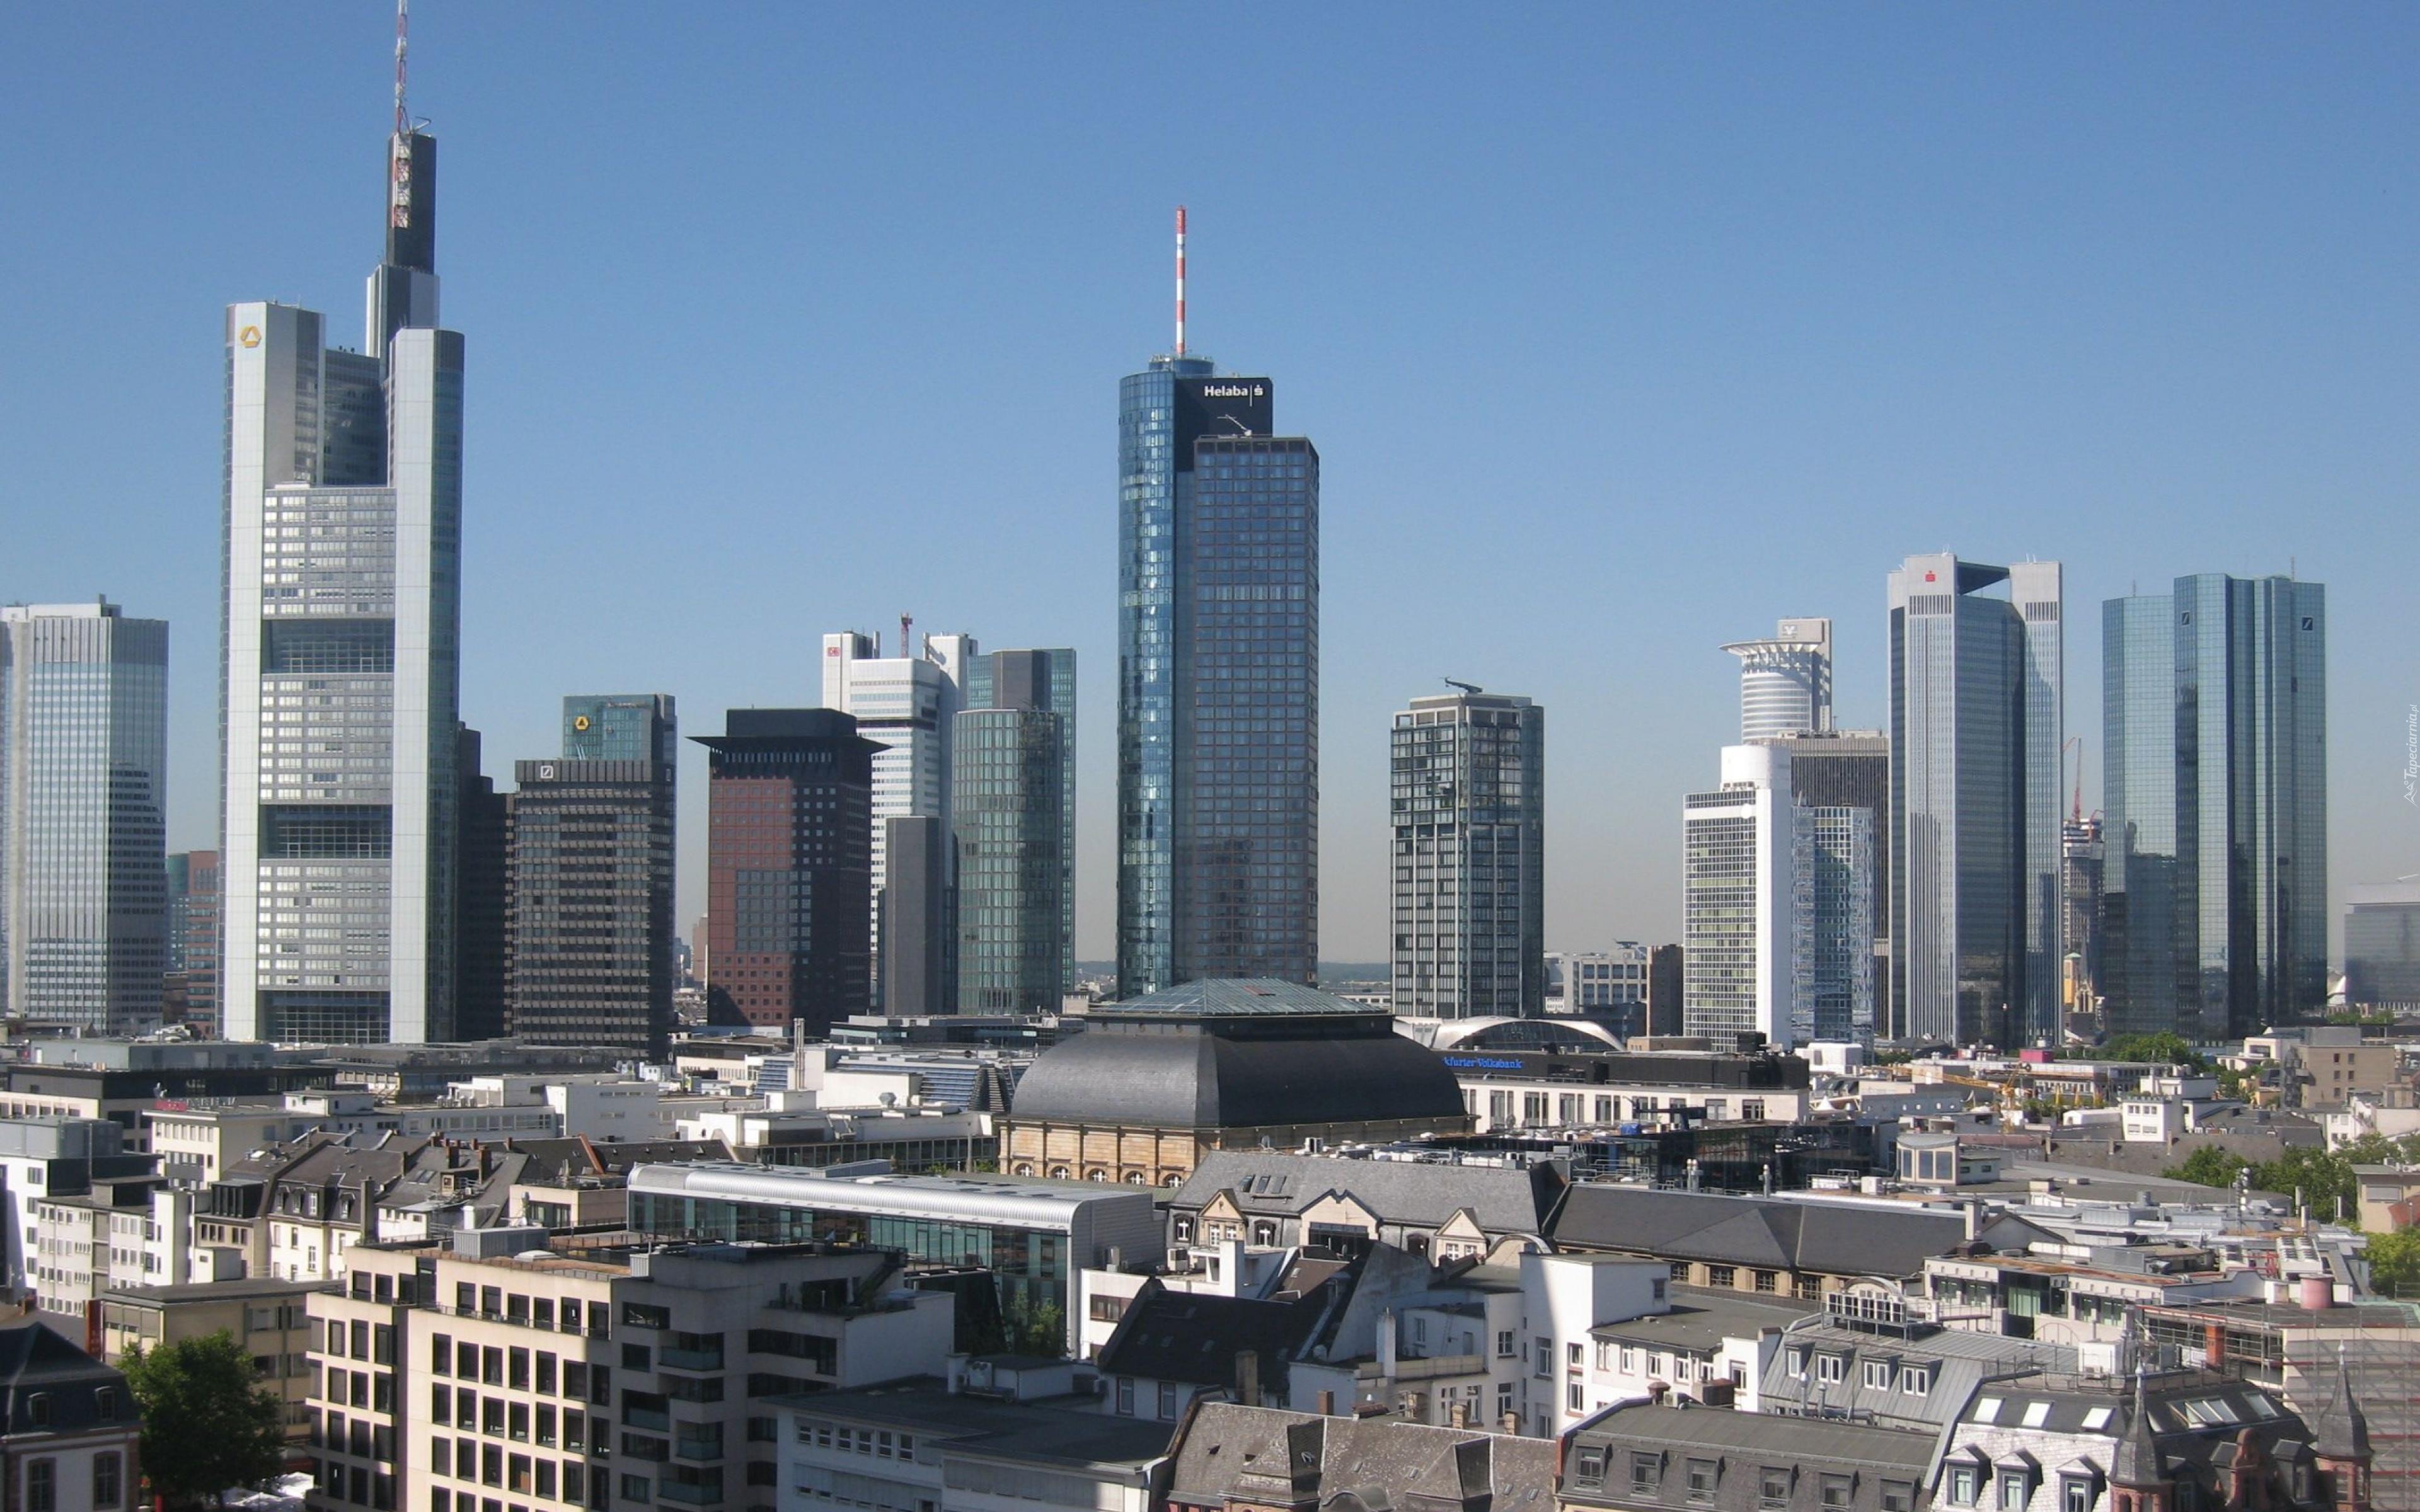 страны архитектура Франкфурт-на-Майне Германия  № 1468019 загрузить